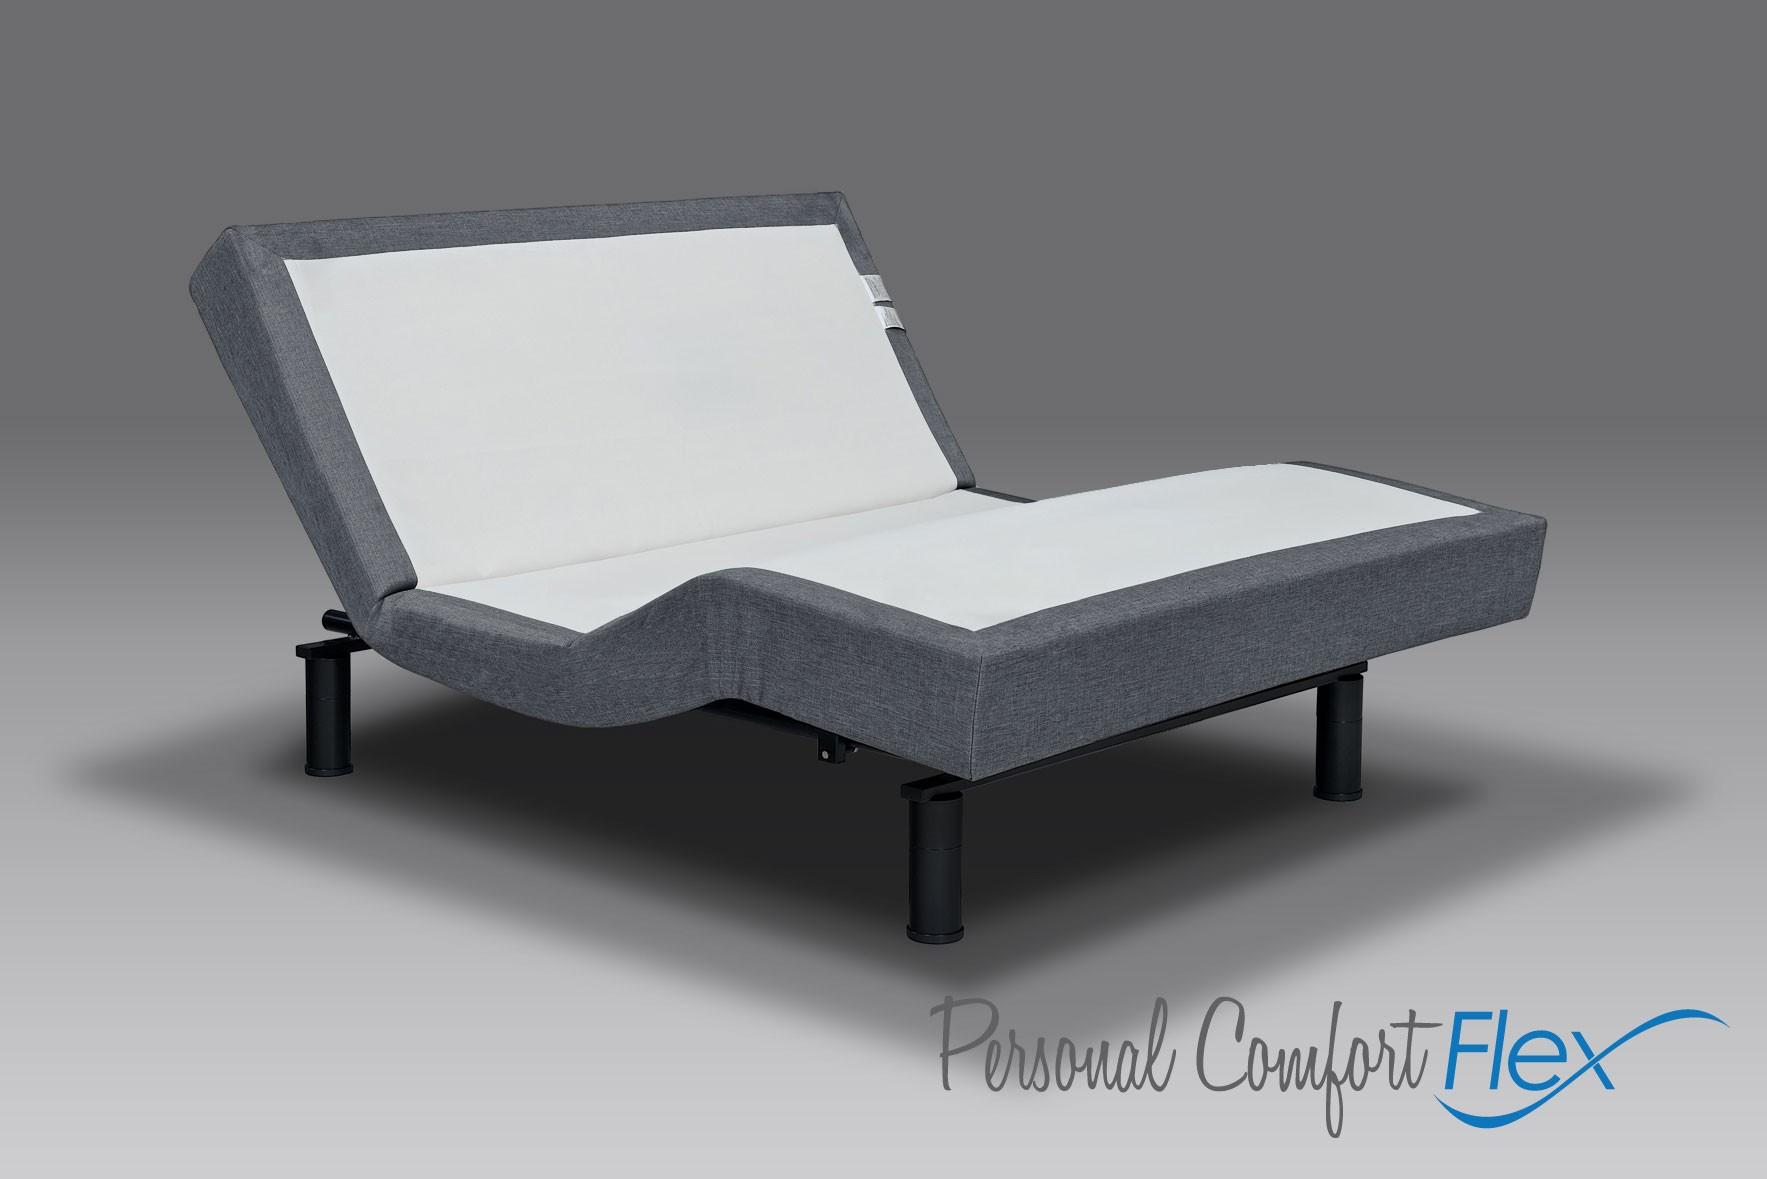 deluxe adjustable bed flex base 5. Black Bedroom Furniture Sets. Home Design Ideas